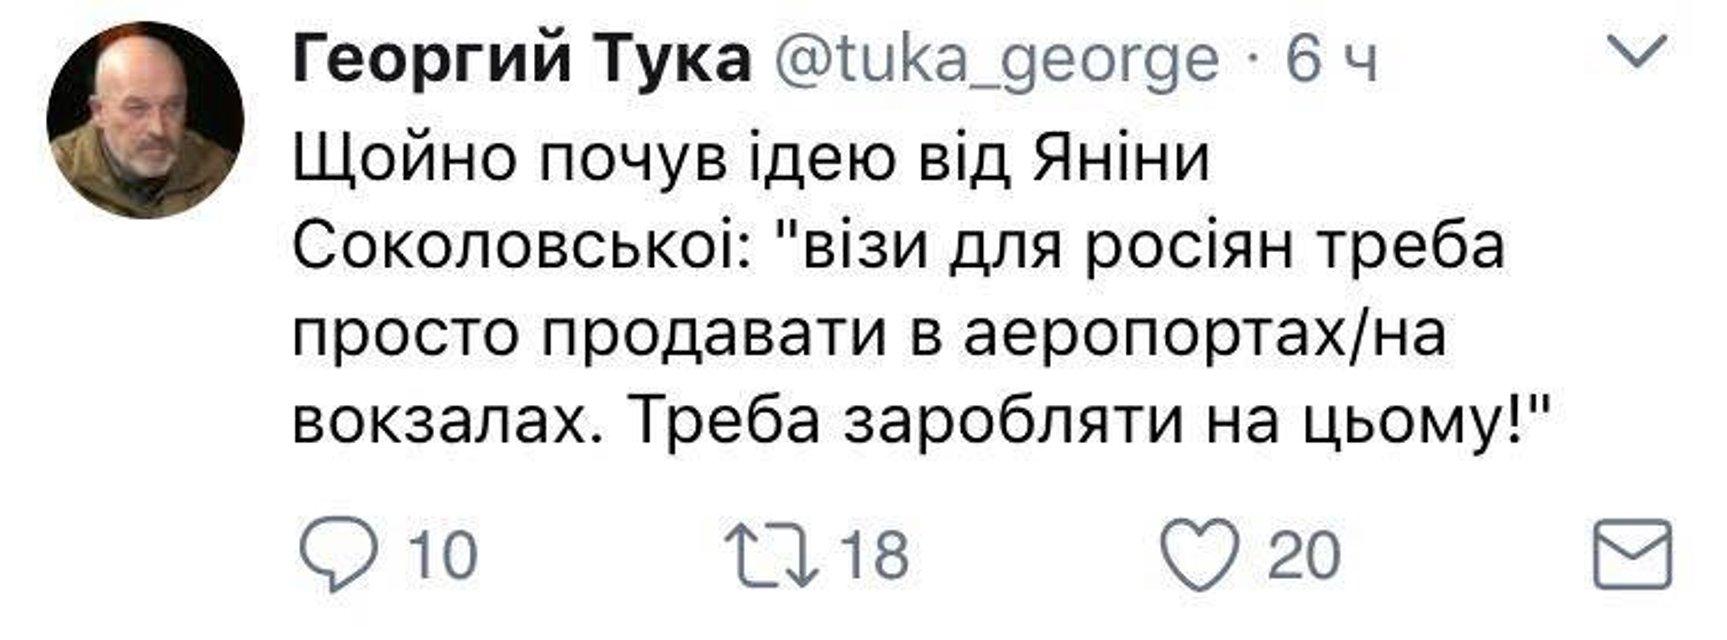 Георгий Тука предложил зарабатывать на продаже виз для россиян - фото 55253